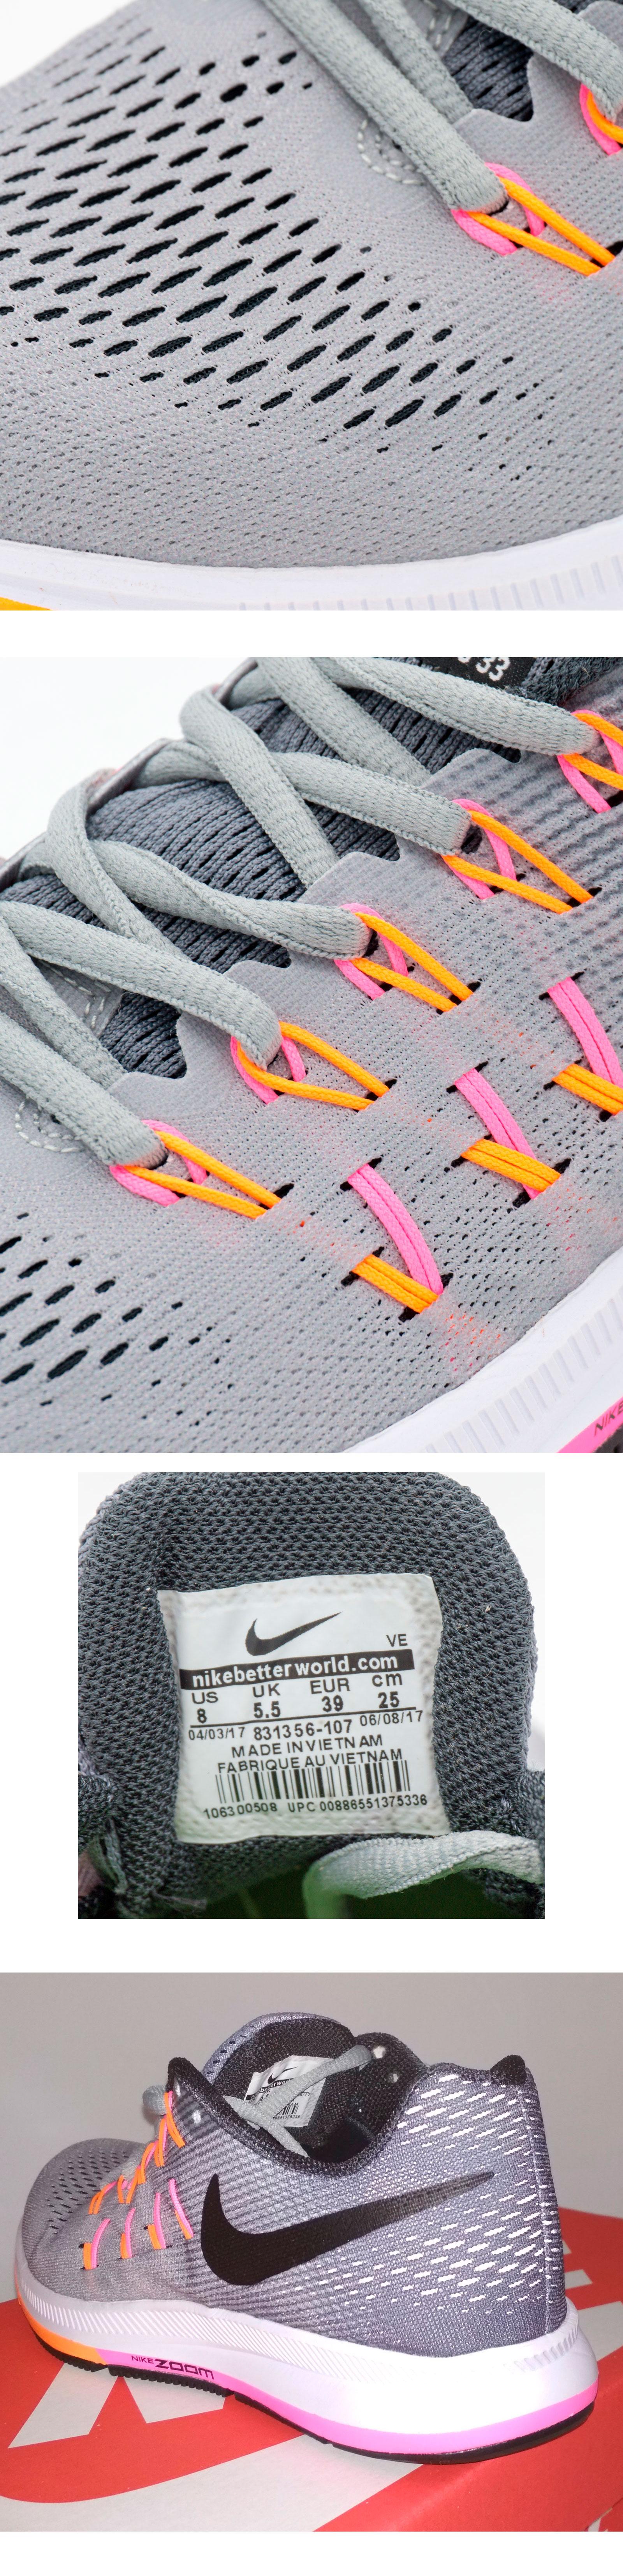 большое фото №6 Женские кроссовки для бега Nike Zoom Pegasus 33 Серые. Топ качество!